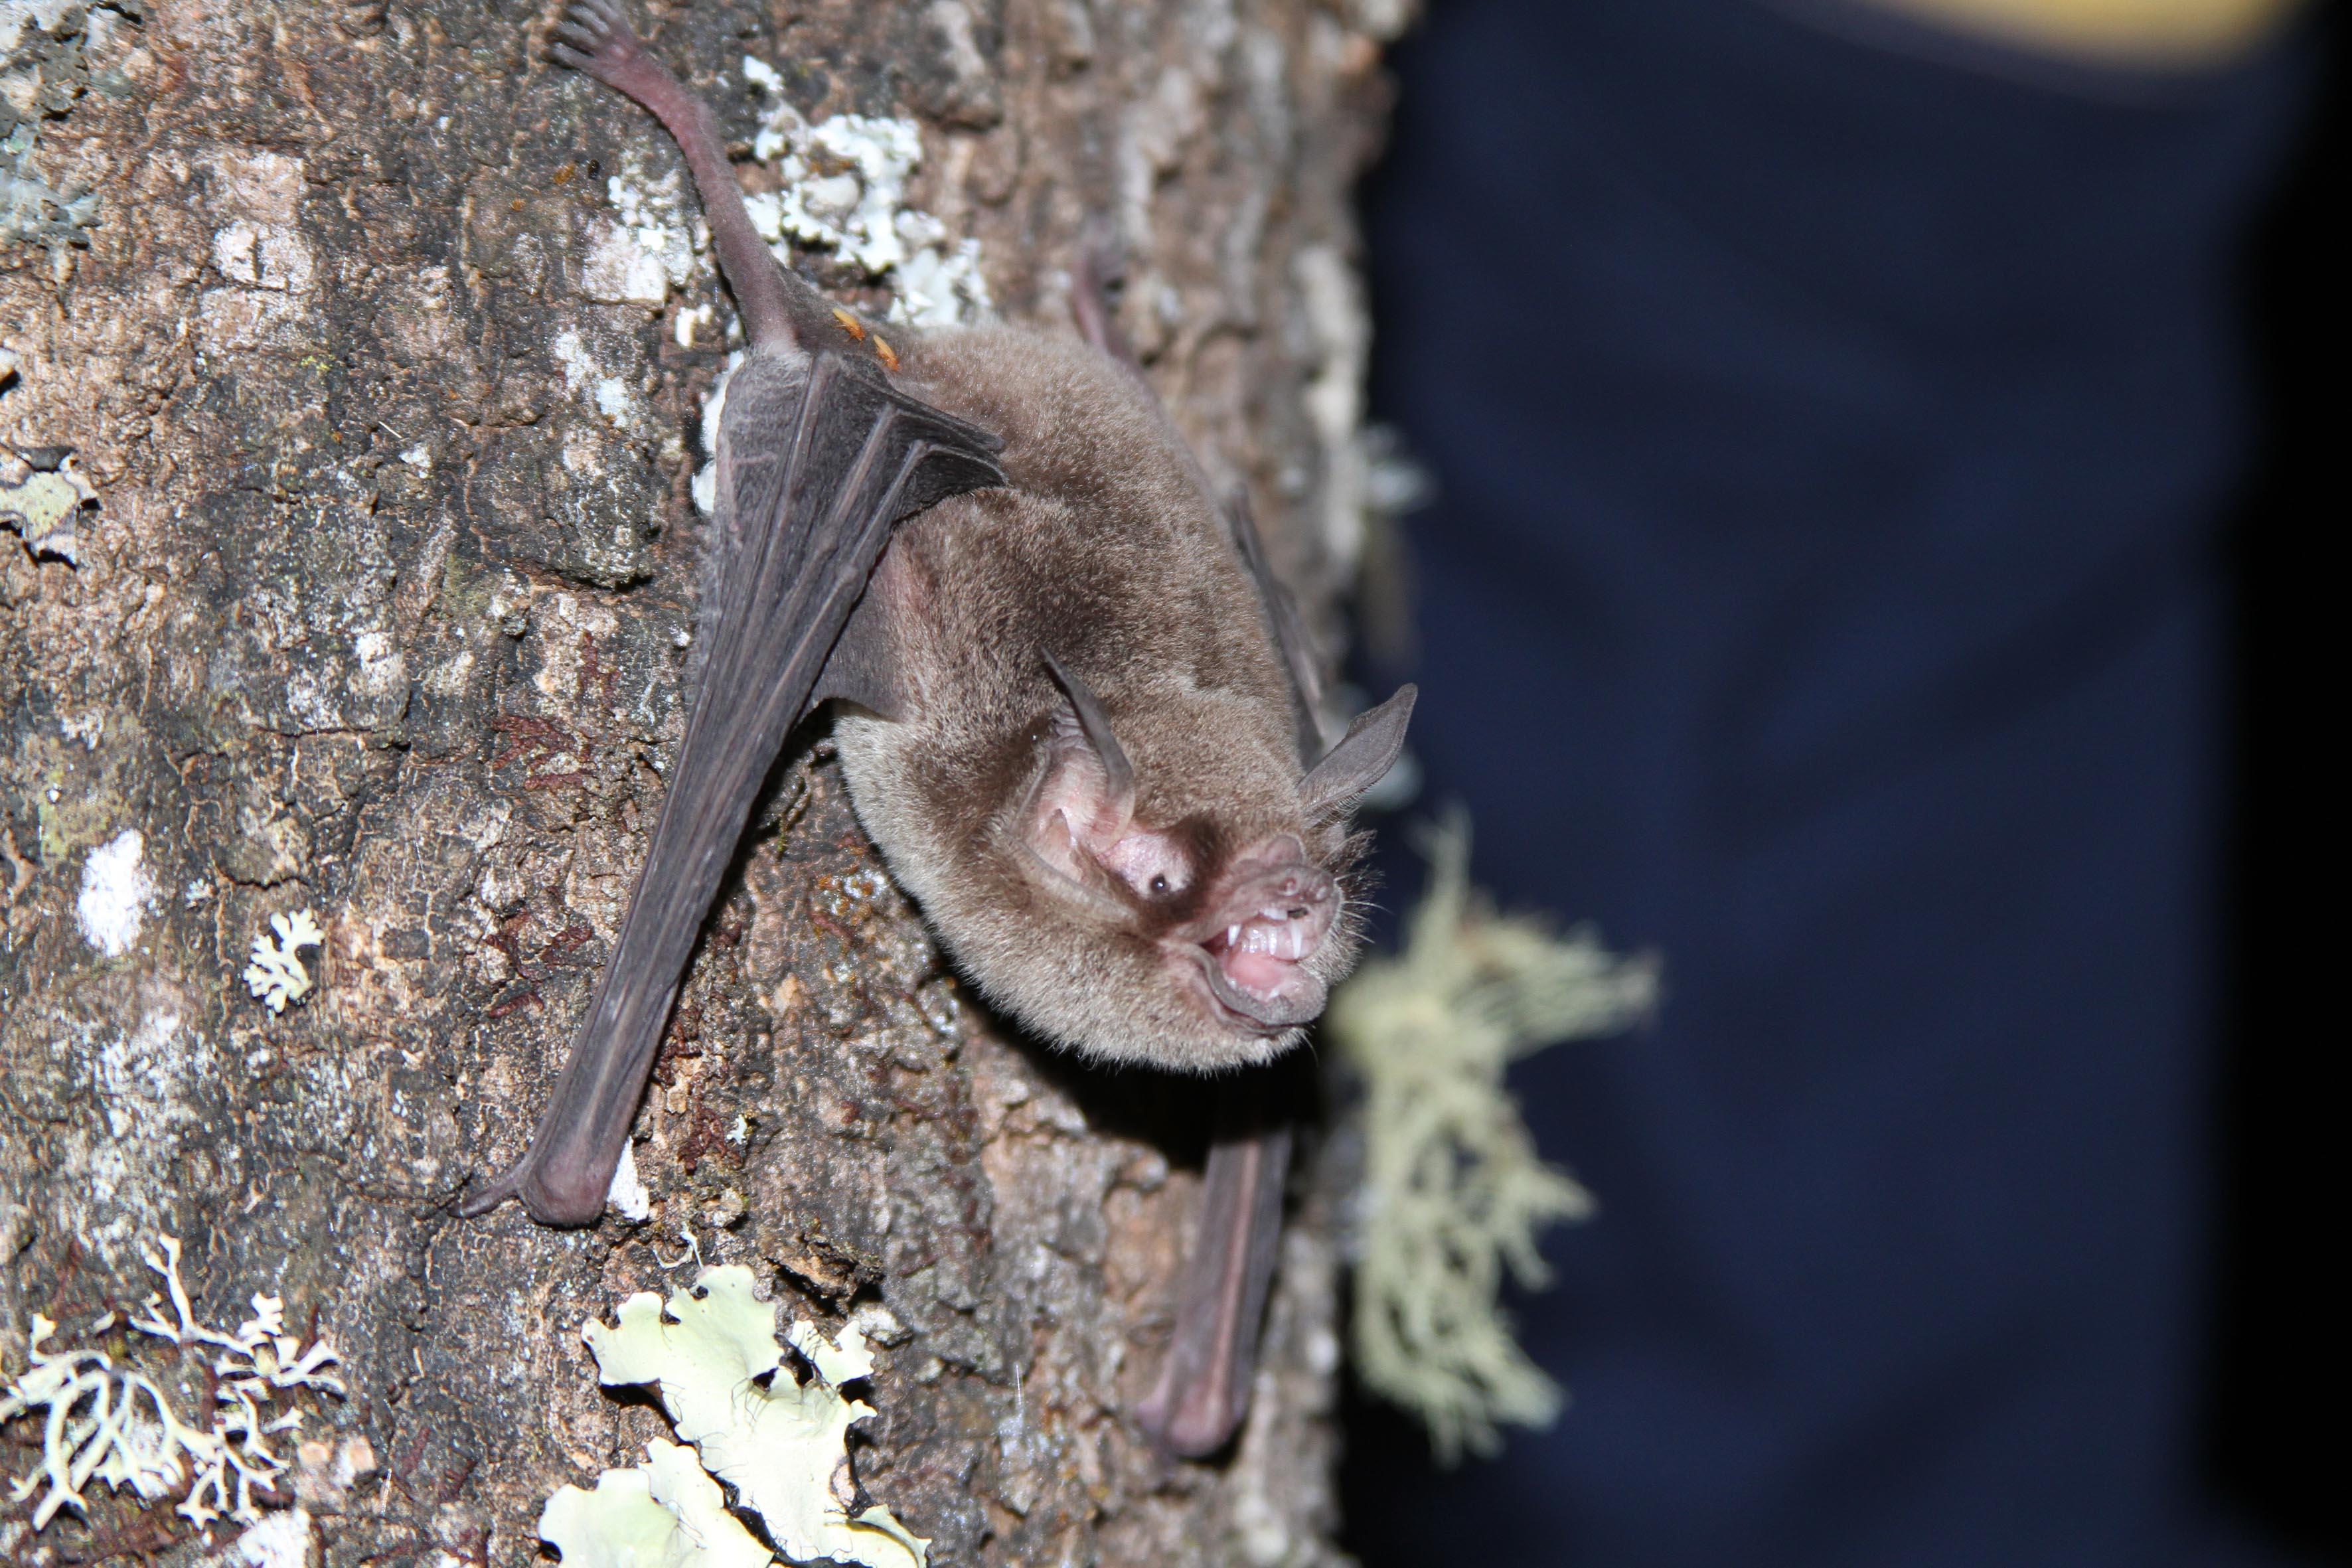 Especie de murciélago de pelo gris, postrado entre la corteza ade un árbol.